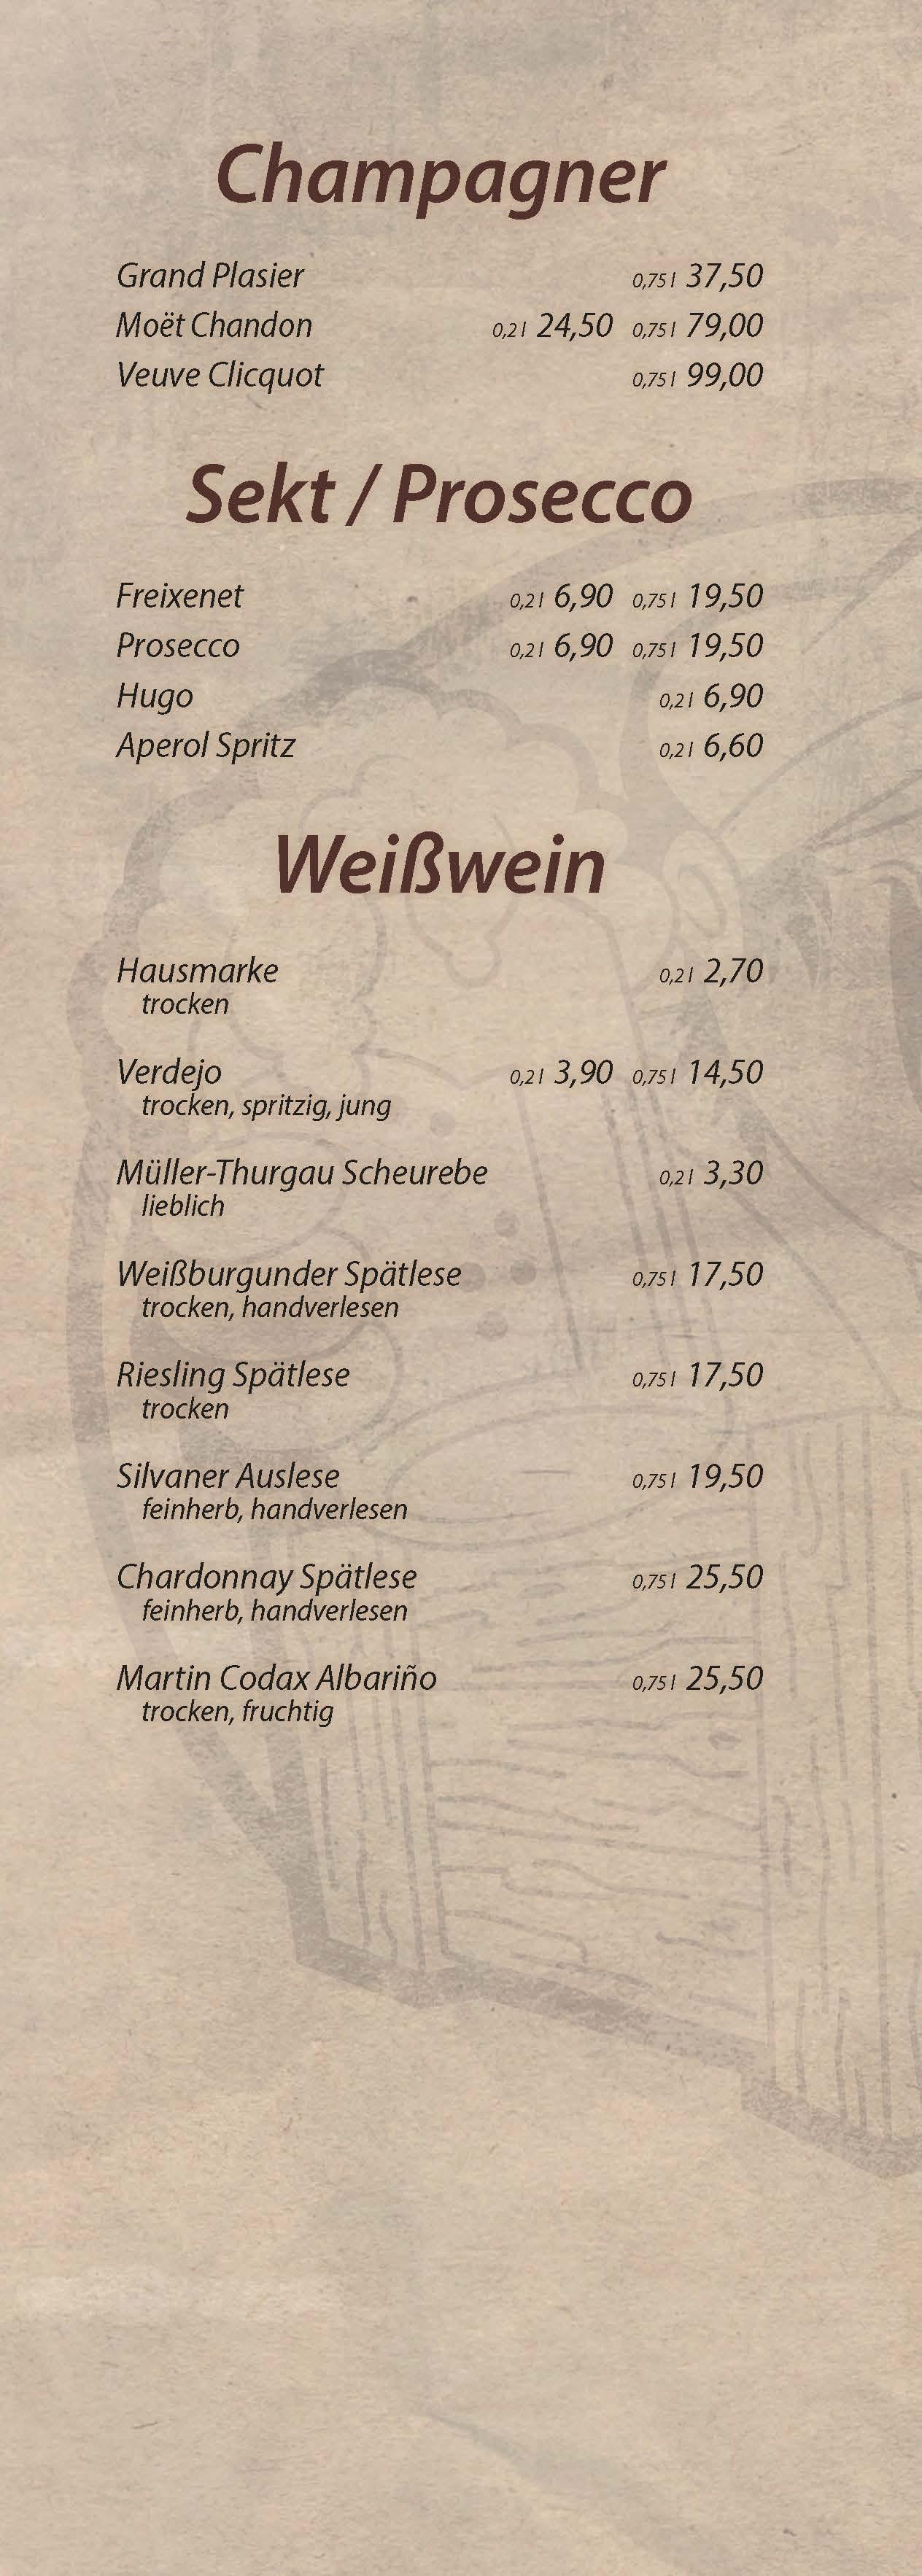 Champager,Sekt und Weißwein - Cocktailbar Die Kiste in Cuxhaven